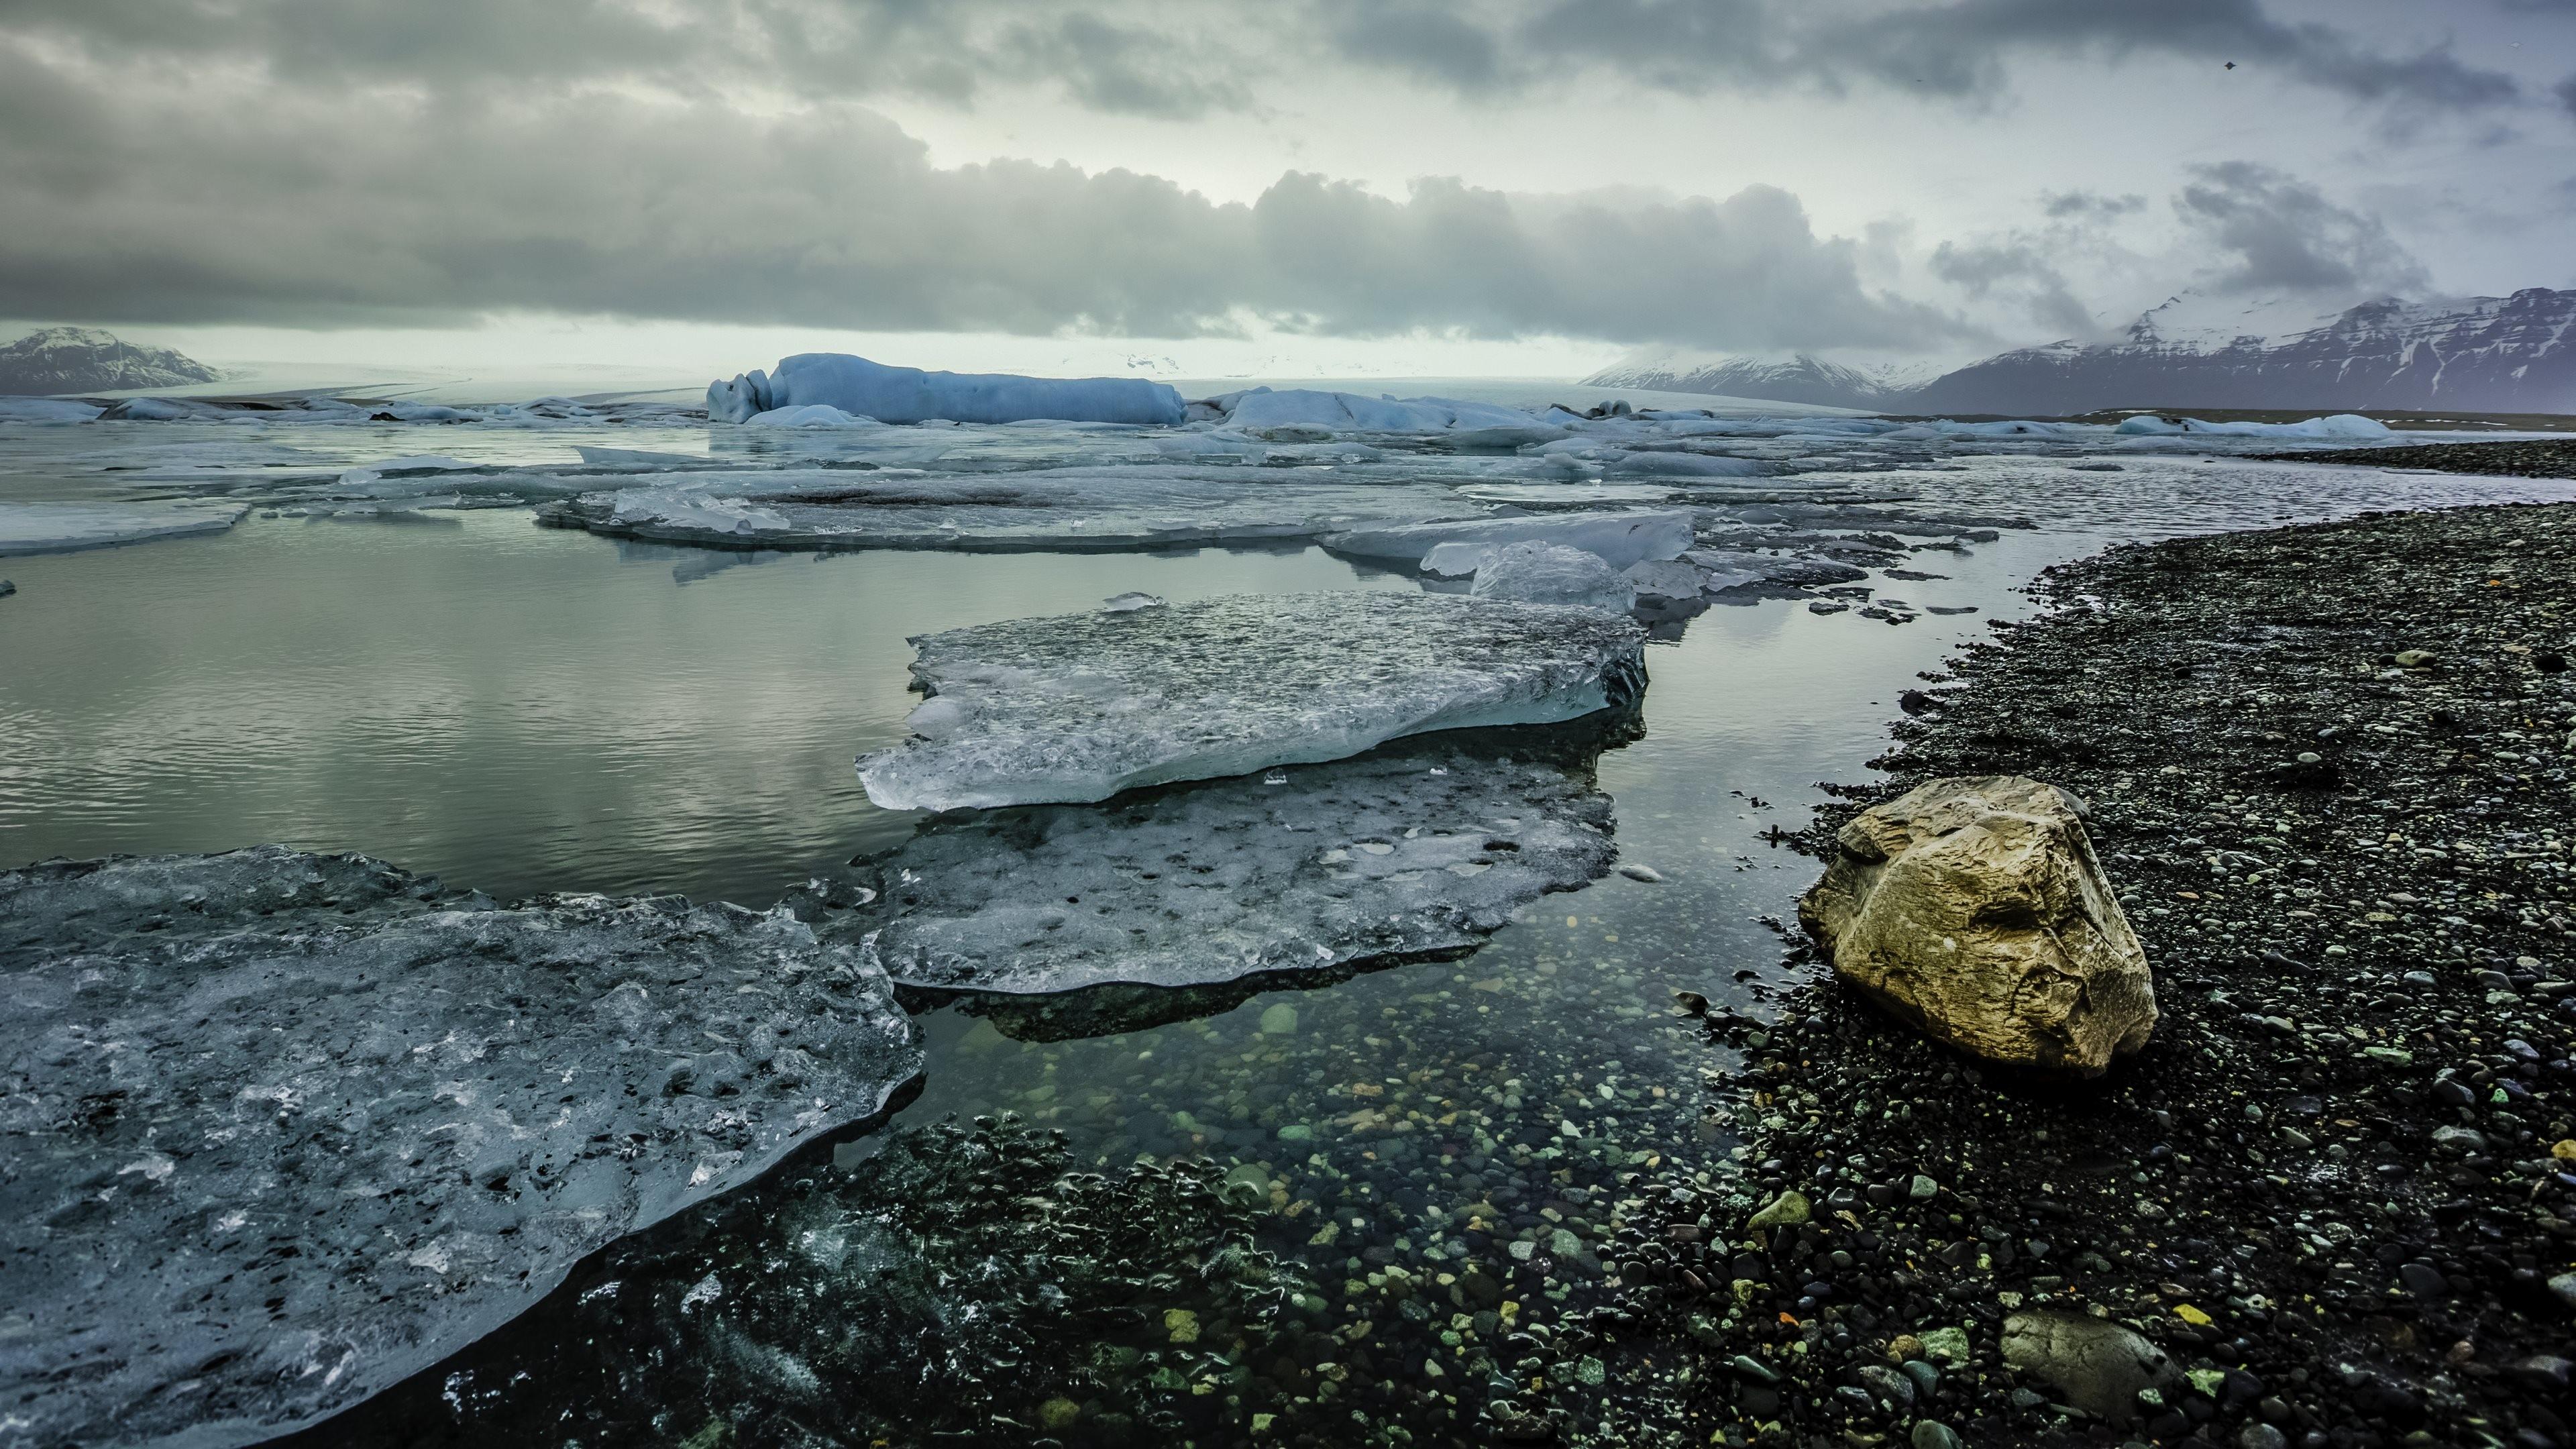 4k ultra hd nature wallpapers,water,sea,natural landscape,shore,natural environment